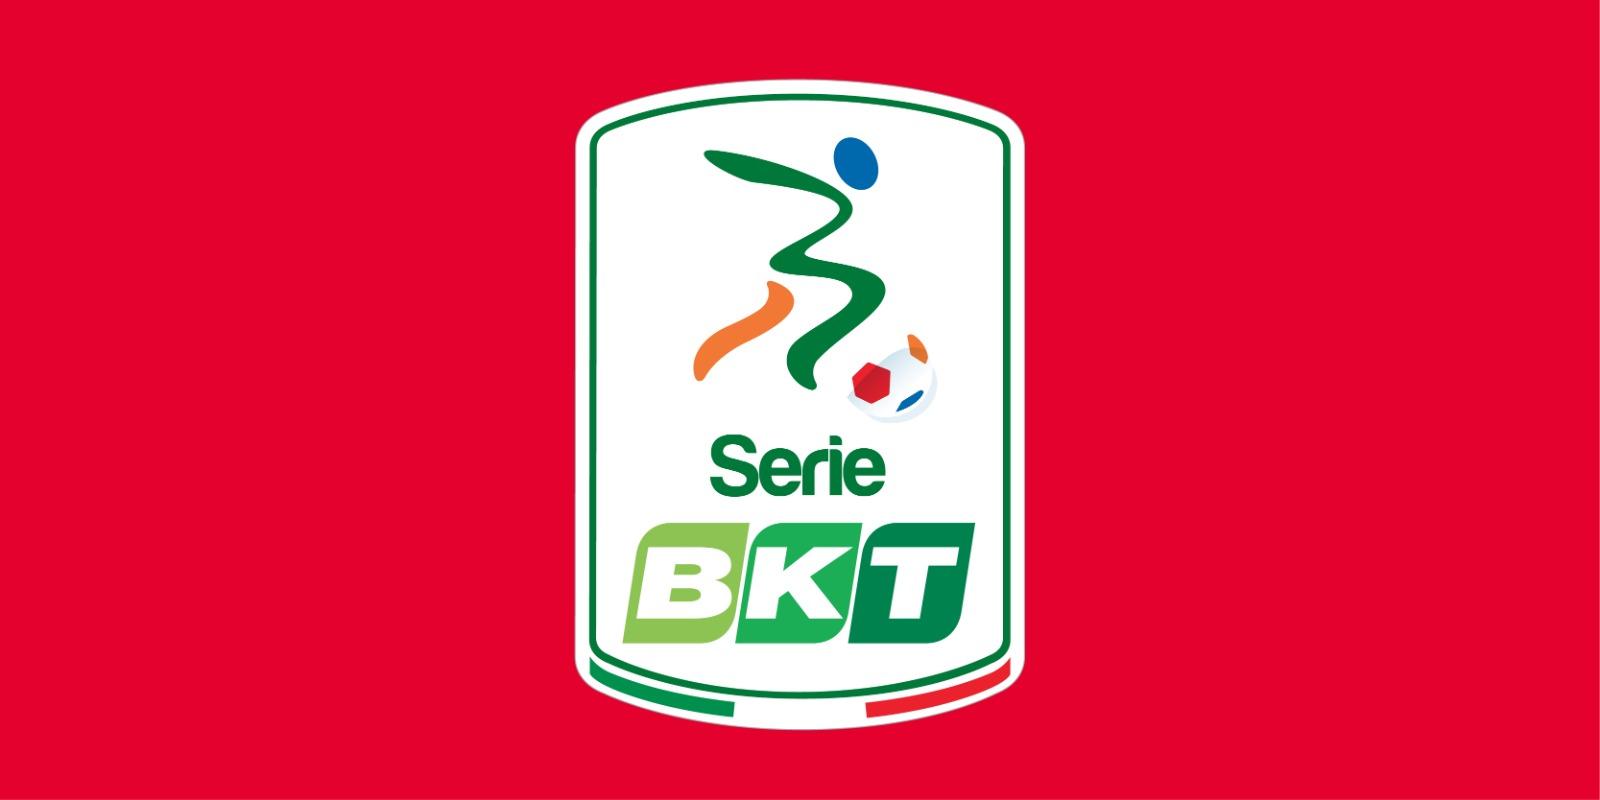 Spal-Monza spostata a domenica 31 alle 16